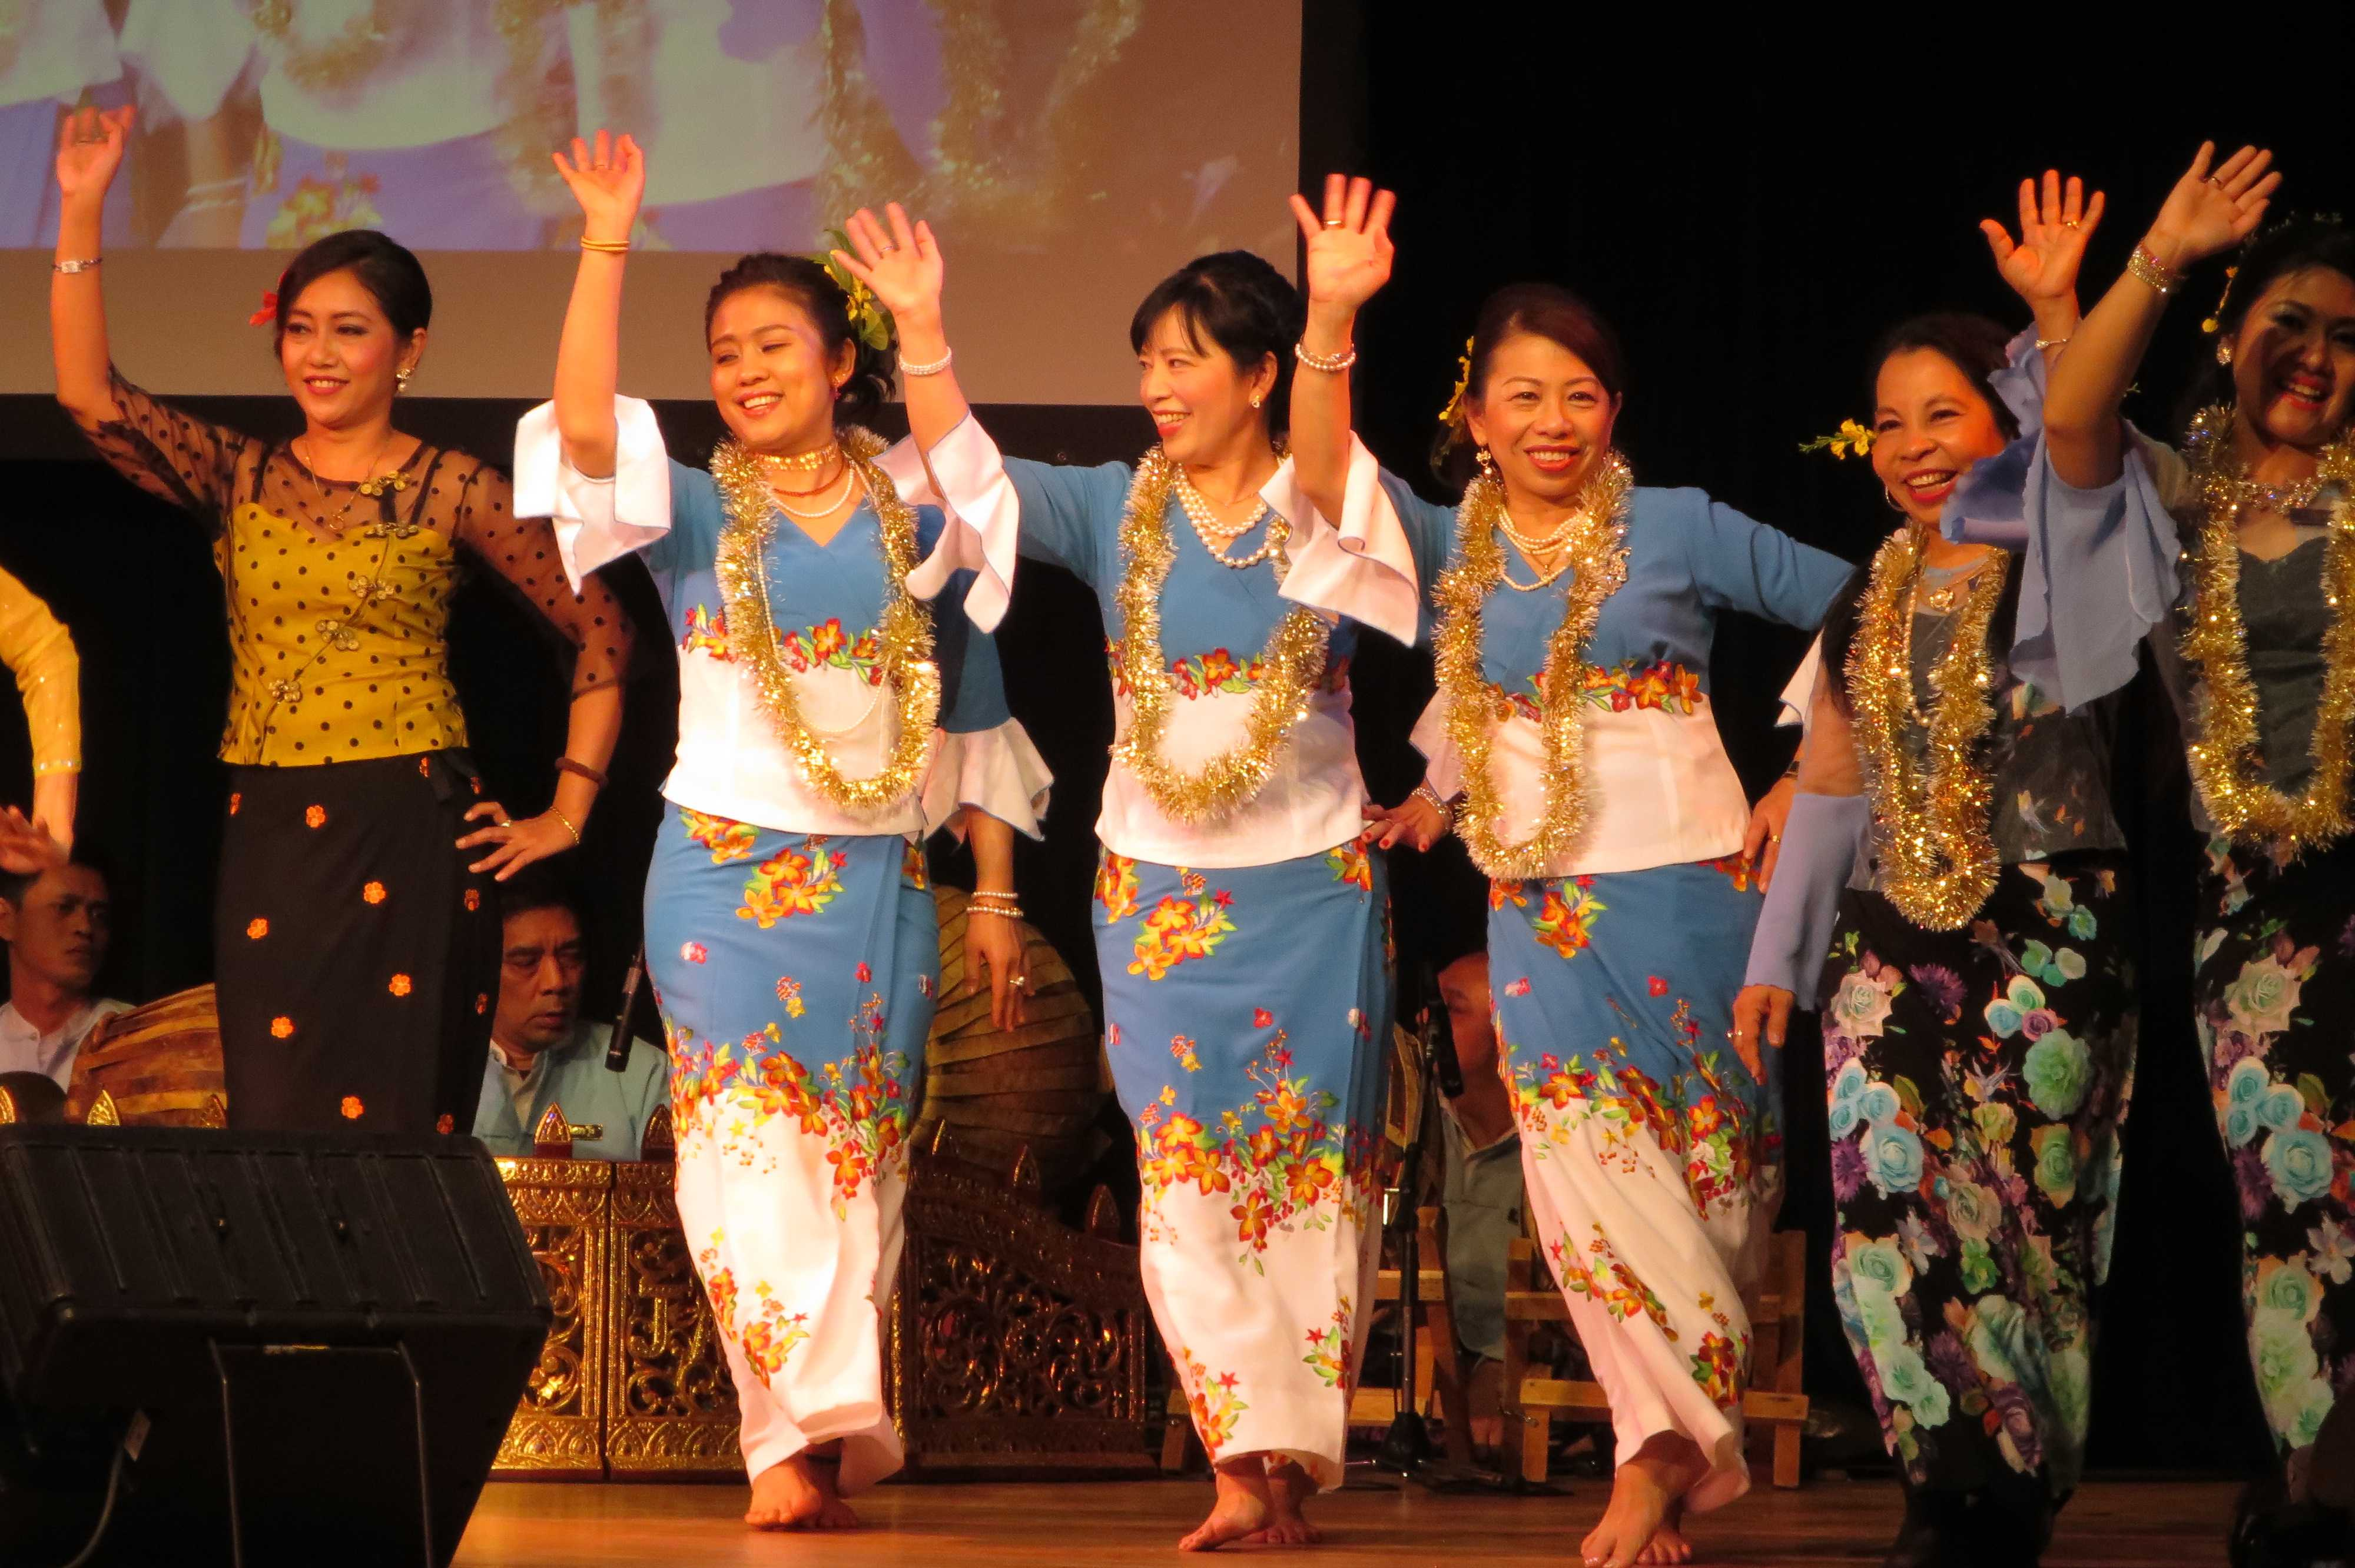 ミャンマーの伝統衣裳 - ミャンマー祭り2016